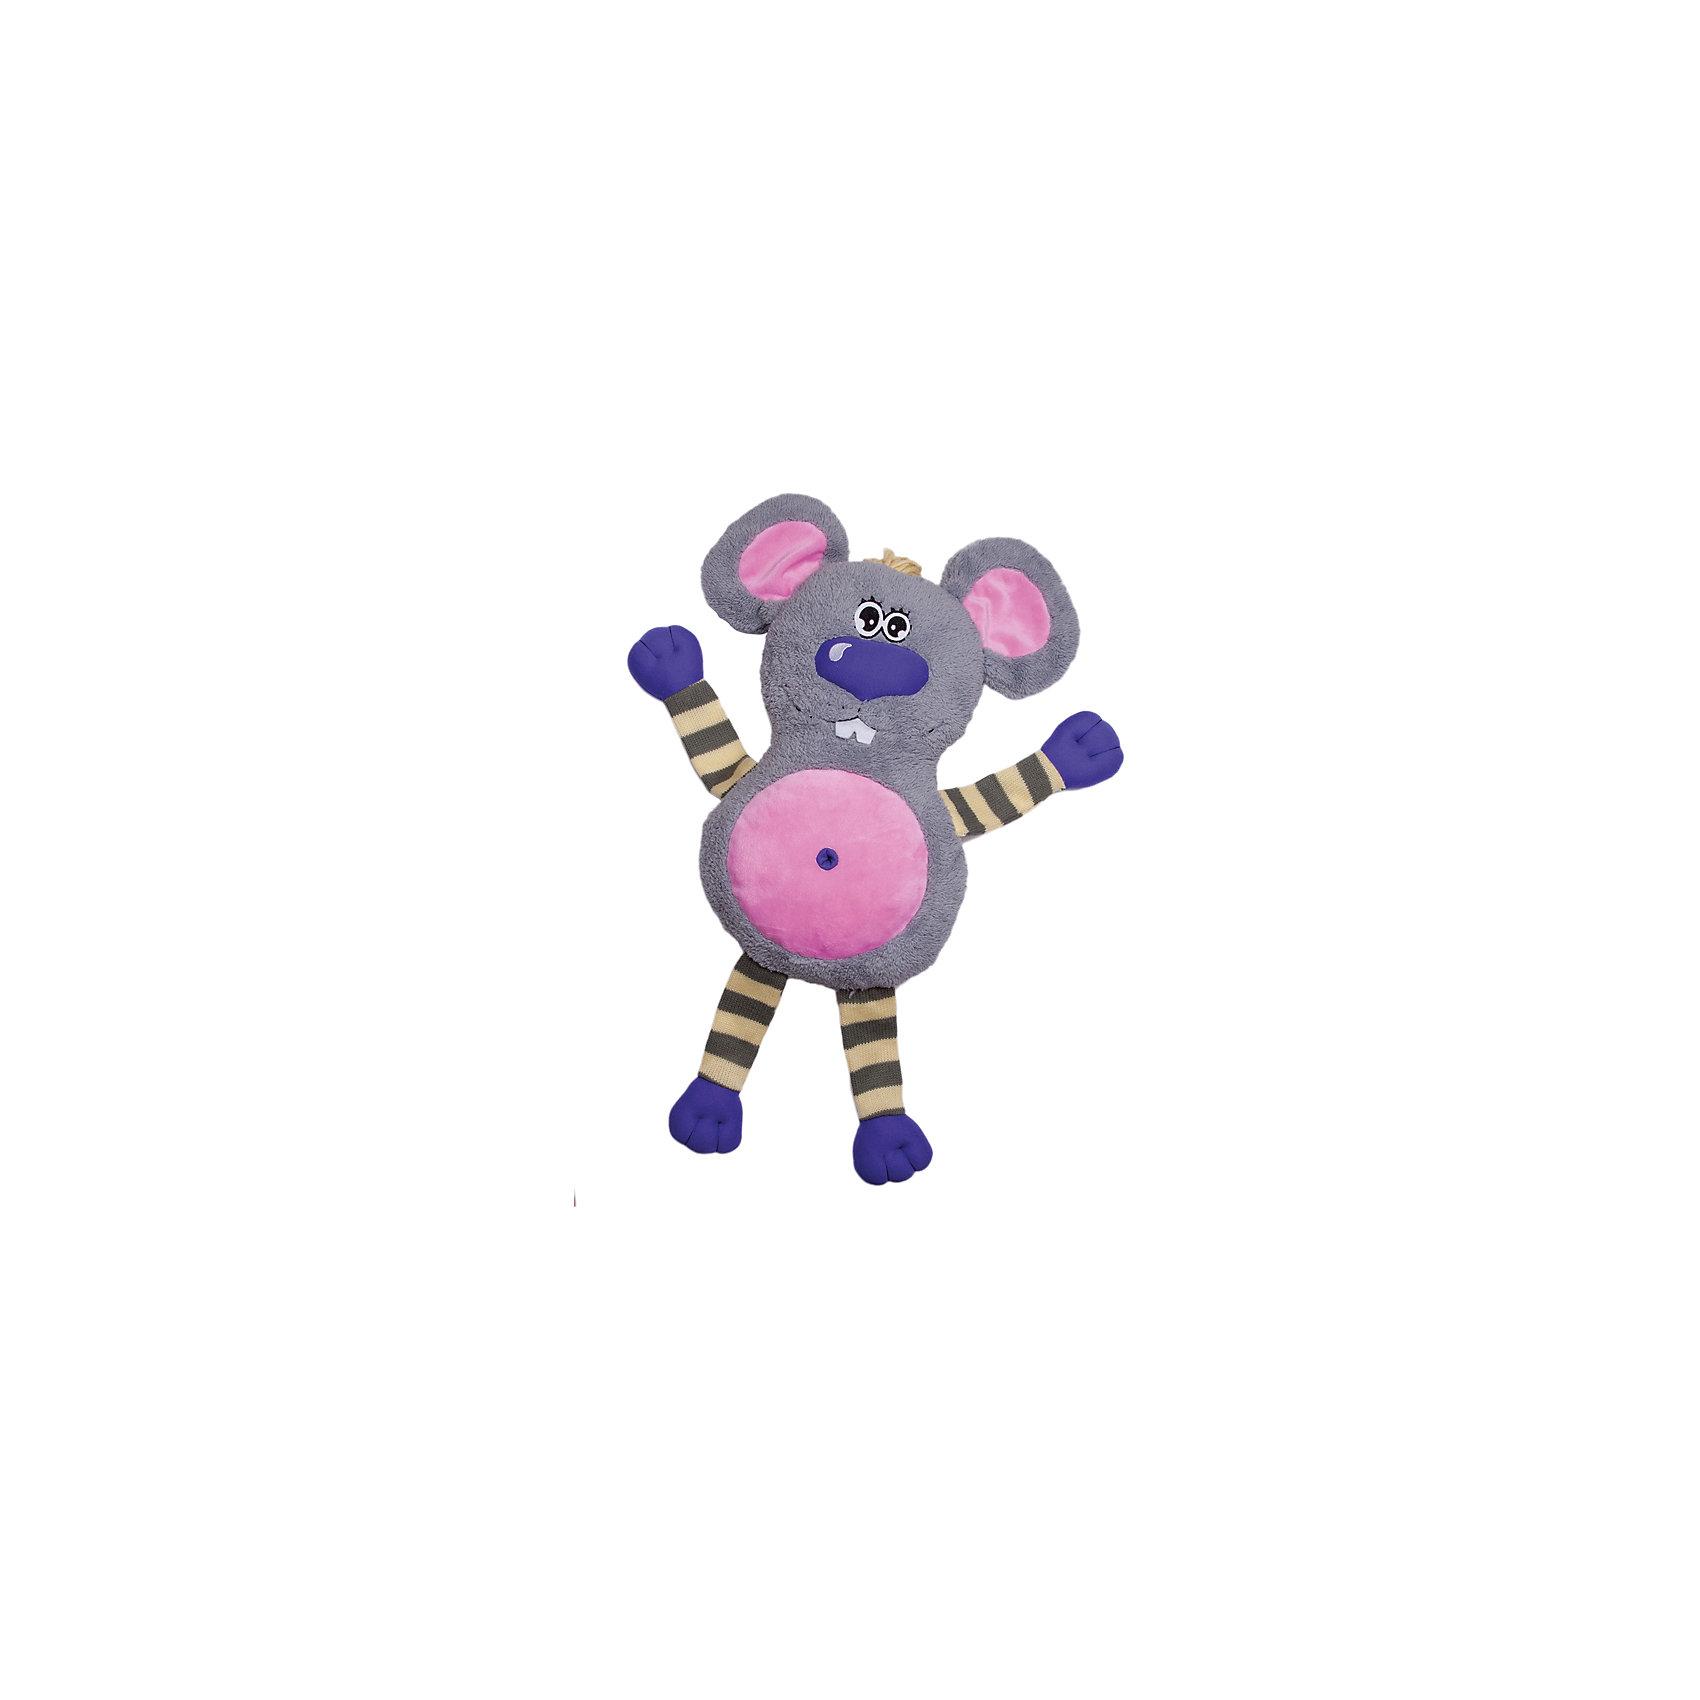 Игрушка-обнимашка Мышь, 60 см, Fluffy FamilyЗвери и птицы<br>Мягкие игрушки – фавориты среди девчачьих игрушек. Приятный материал и милая форма игрушки понравится всем девочкам, любящим игрушечных пушистиков. Мышка – интересный вариант для подарка, когда хочется показать свою нежность, испытываемую к получателю. Для самых маленьких мышь станет отличным компаньоном для сна в обнимку и настоящим другом, которому можно доверить все секреты. Материалы, использованные при изготовлении товара, абсолютно безопасны и отвечают всем международным требованиям по качеству.<br><br>Дополнительные характеристики:<br><br>материал: искусственный мех;<br>цвет: серый;<br>габариты: 60 см.<br><br>Игрушку-обнимашку Мышь от компании Fluffy Family можно приобрести в нашем магазине.<br><br>Ширина мм: 650<br>Глубина мм: 580<br>Высота мм: 450<br>Вес г: 1000<br>Возраст от месяцев: 36<br>Возраст до месяцев: 96<br>Пол: Унисекс<br>Возраст: Детский<br>SKU: 5032473